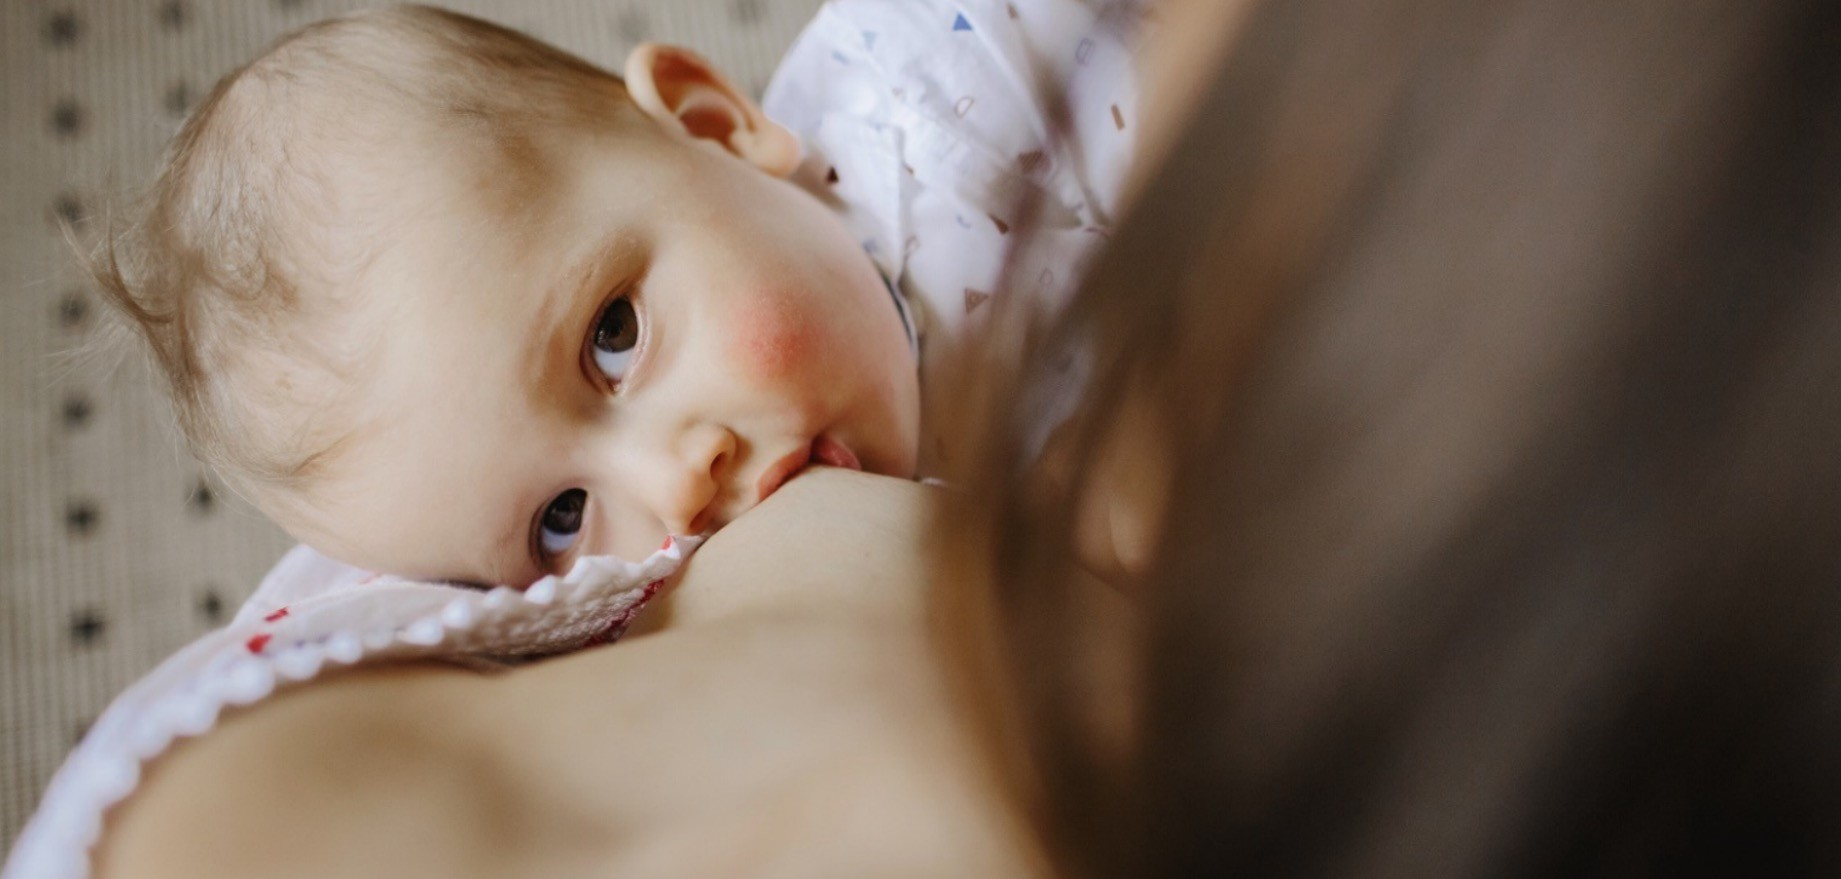 Često bljuckanje (refluks) kod bebe